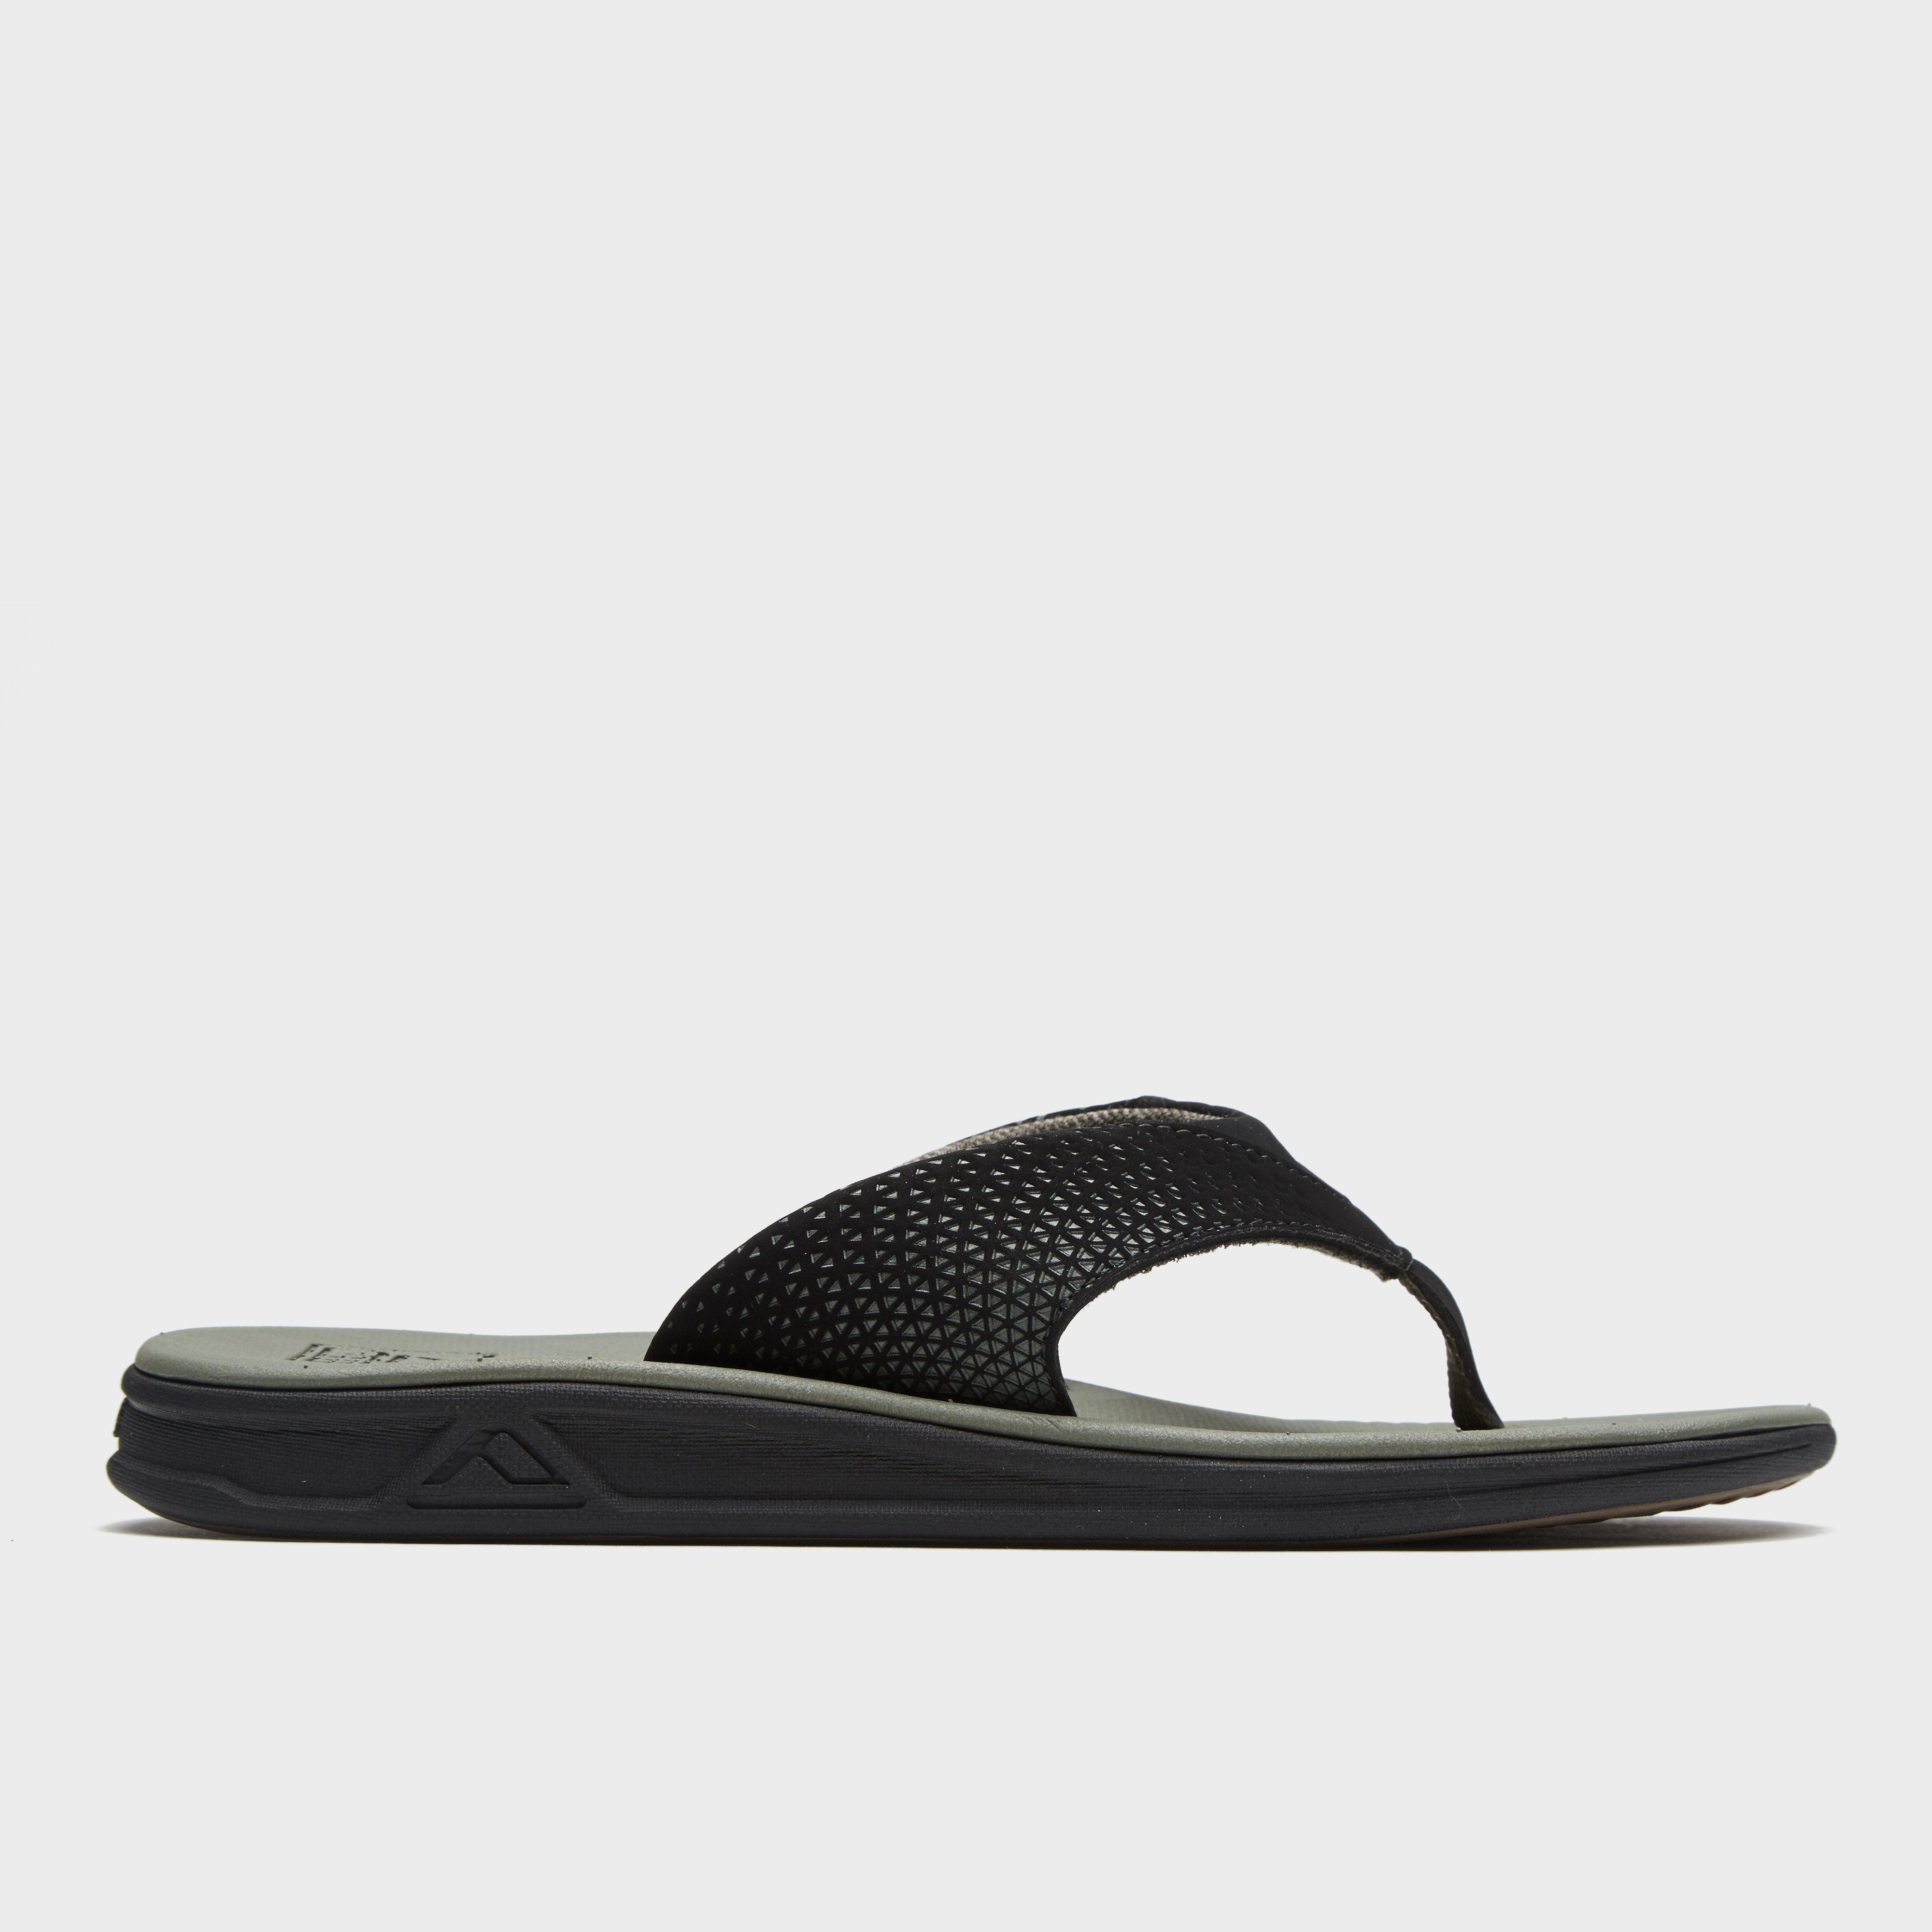 REEF Men's Rover Sandals